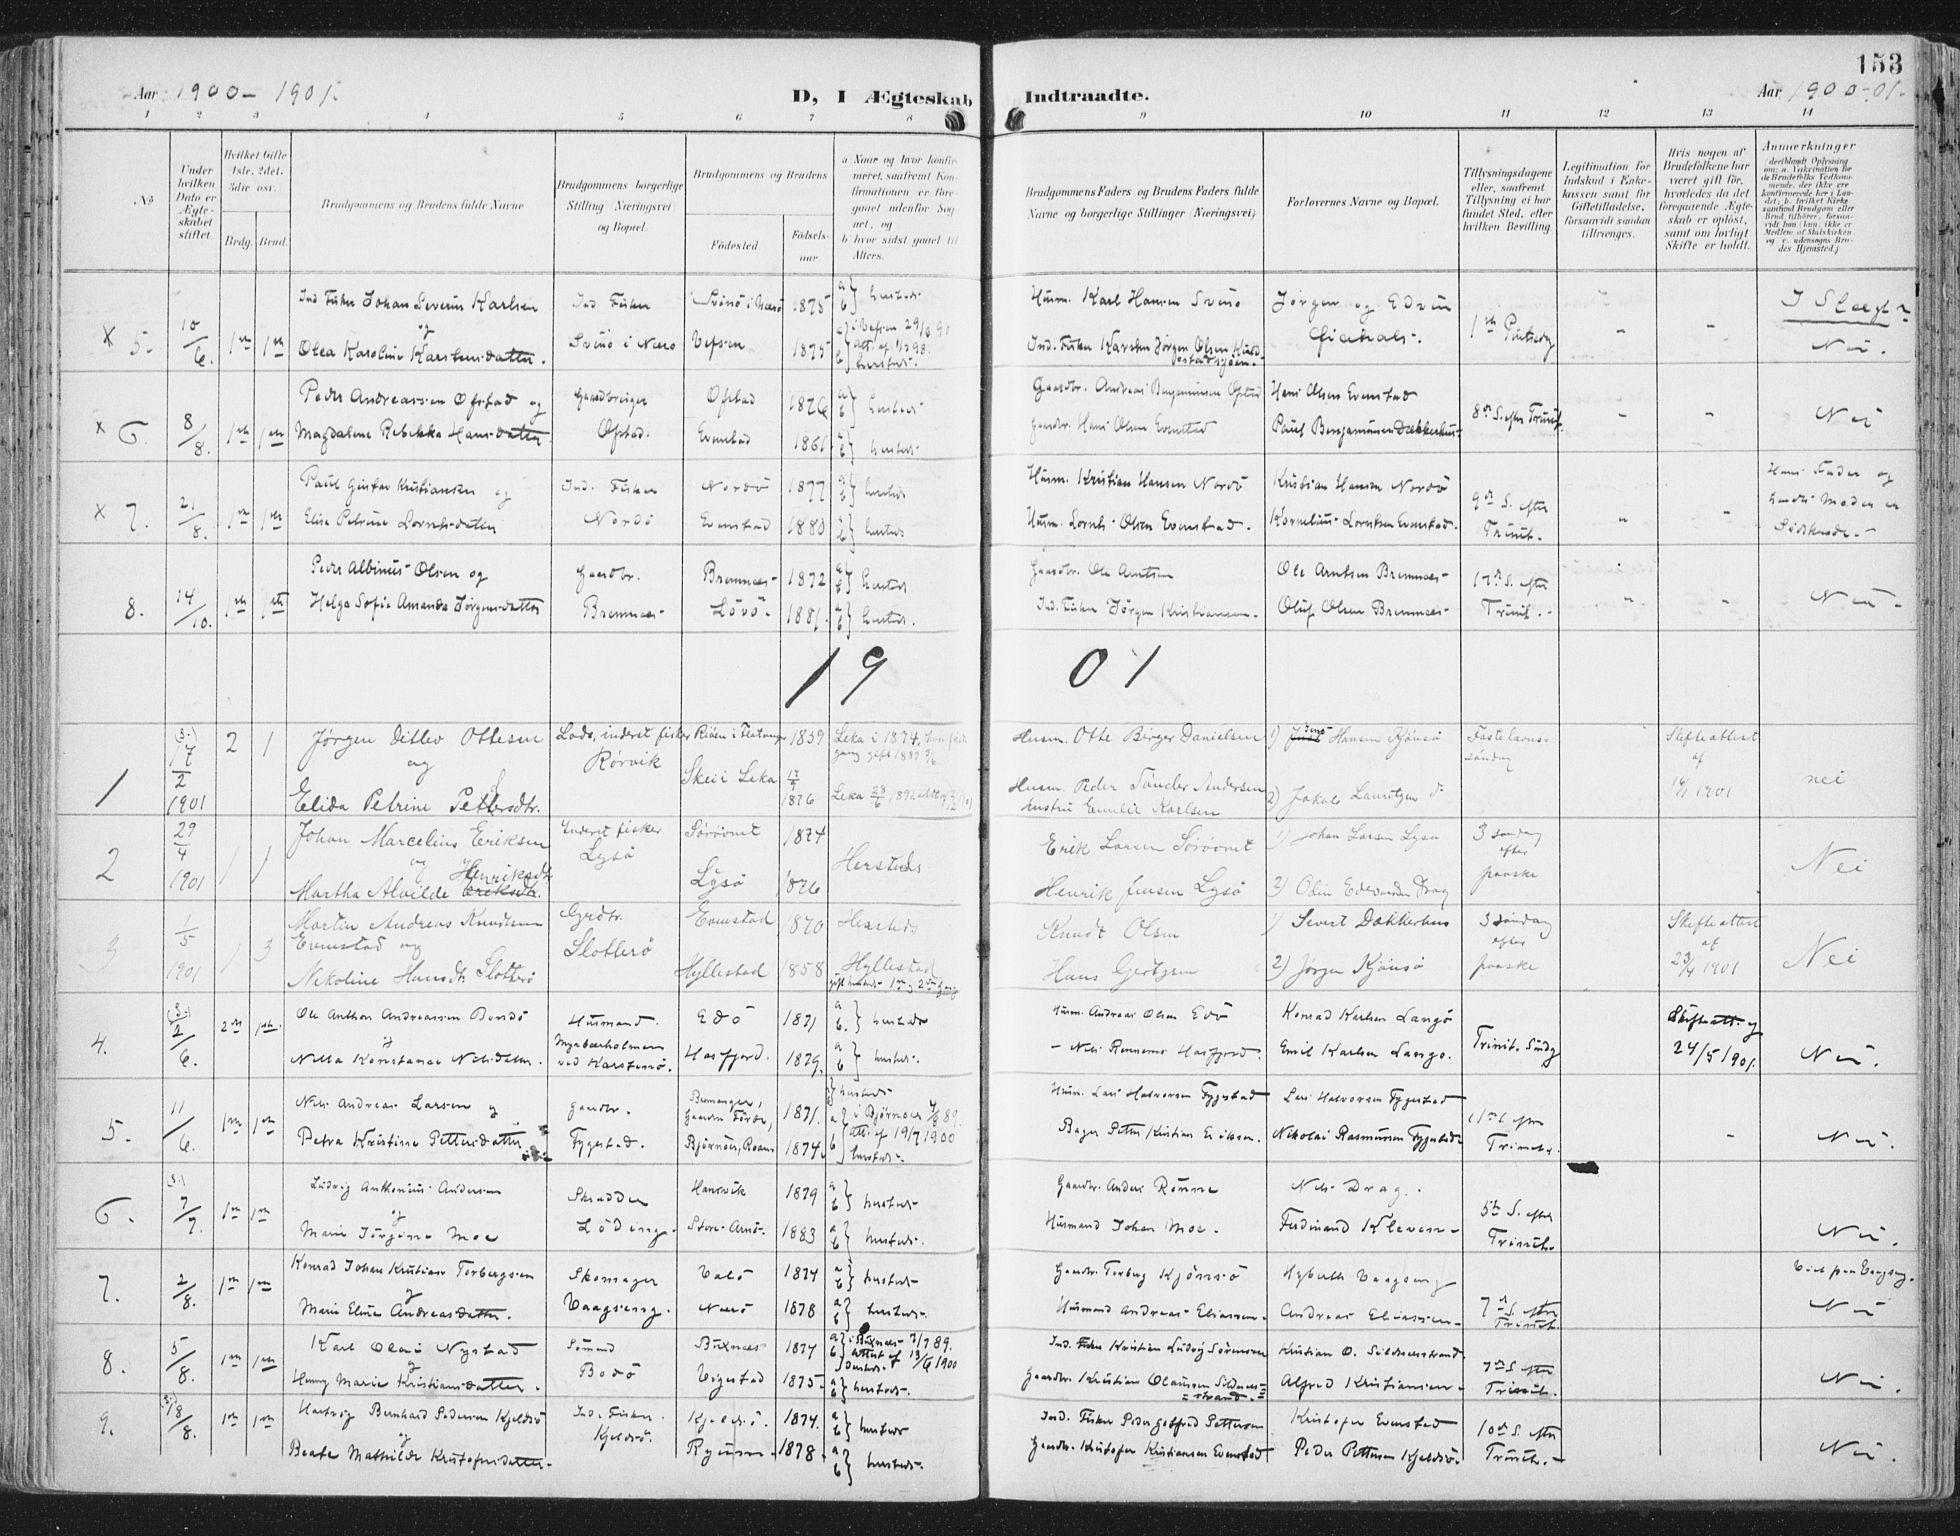 SAT, Ministerialprotokoller, klokkerbøker og fødselsregistre - Nord-Trøndelag, 786/L0688: Ministerialbok nr. 786A04, 1899-1912, s. 153